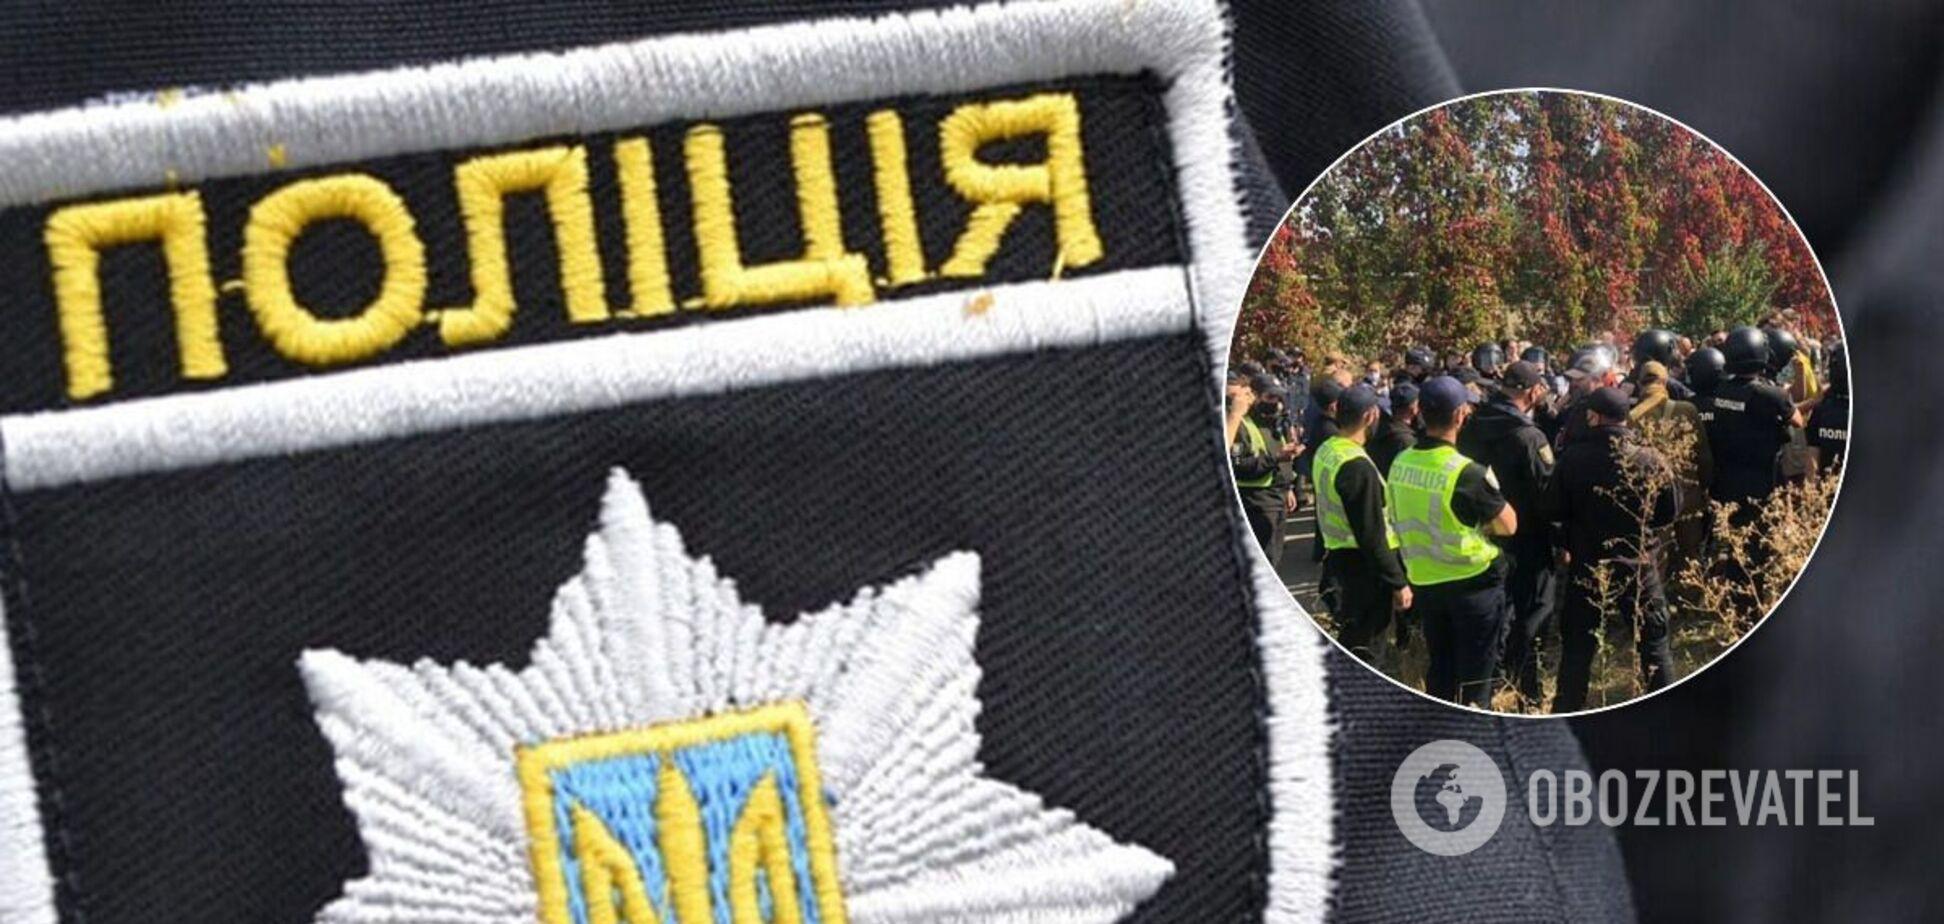 Бійка на території Олімпійського коледжу в Києві